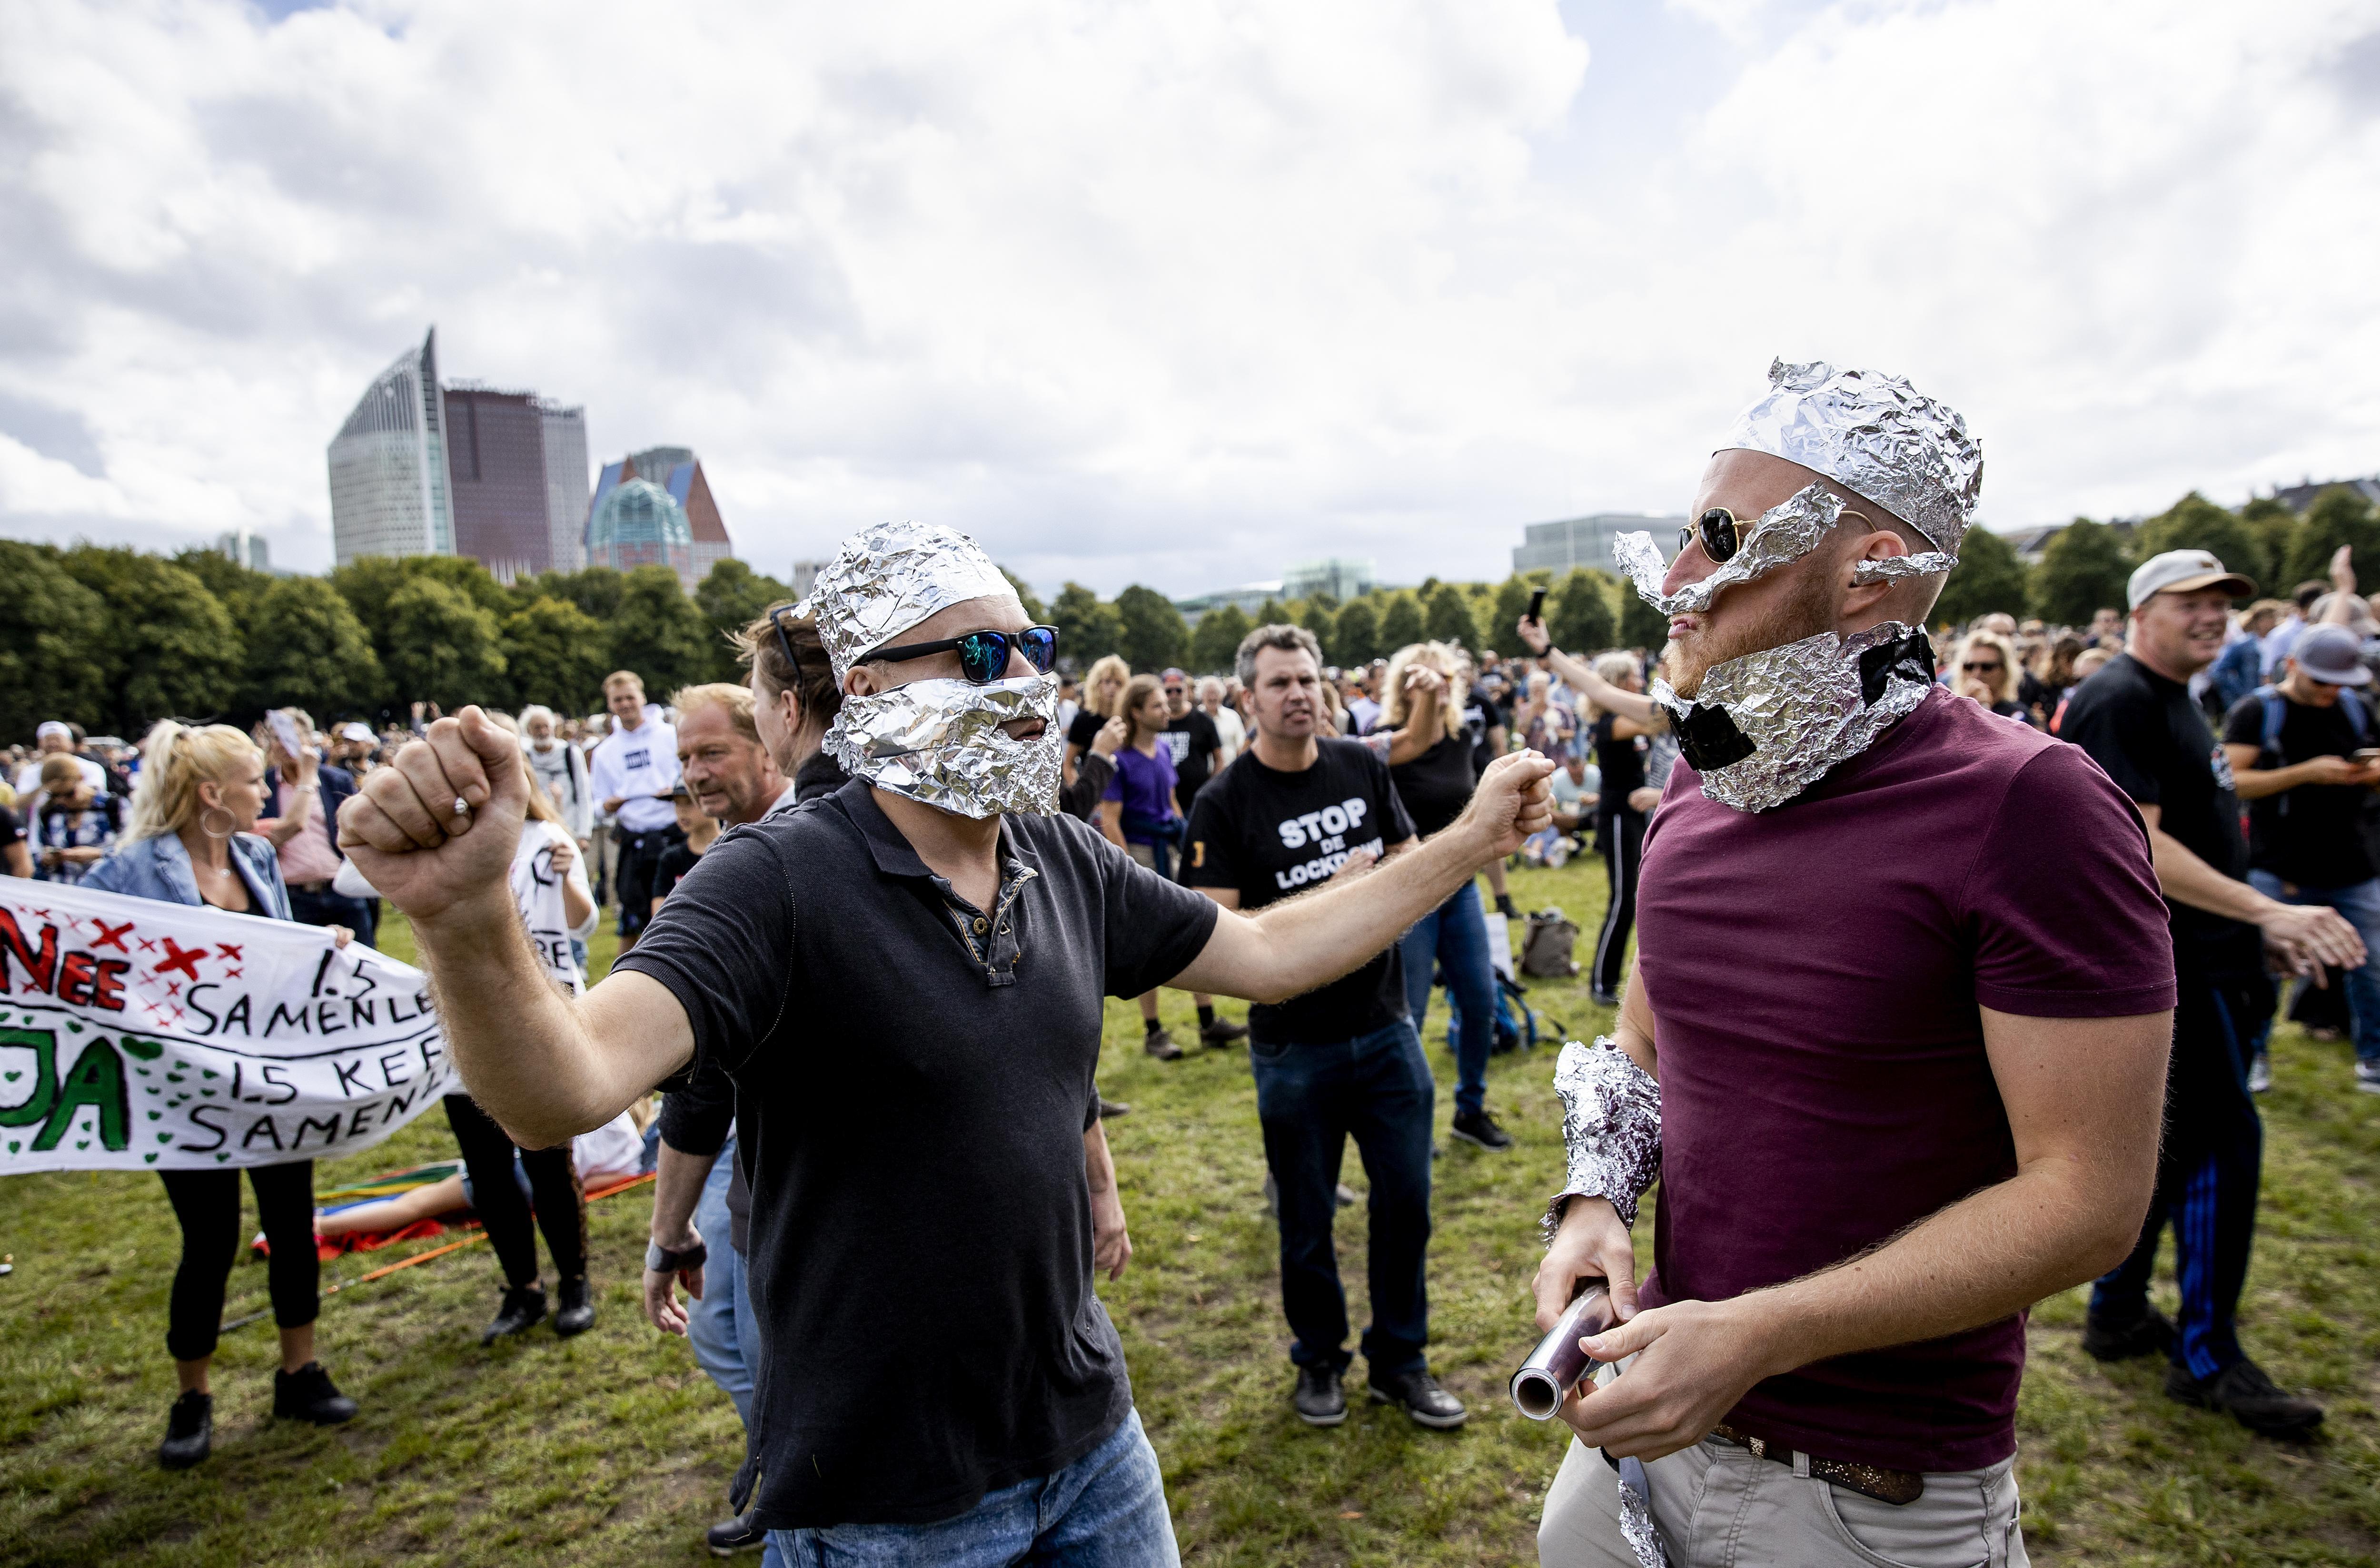 Corona-sceptici willen op 3 oktober demonstreren in Leiden